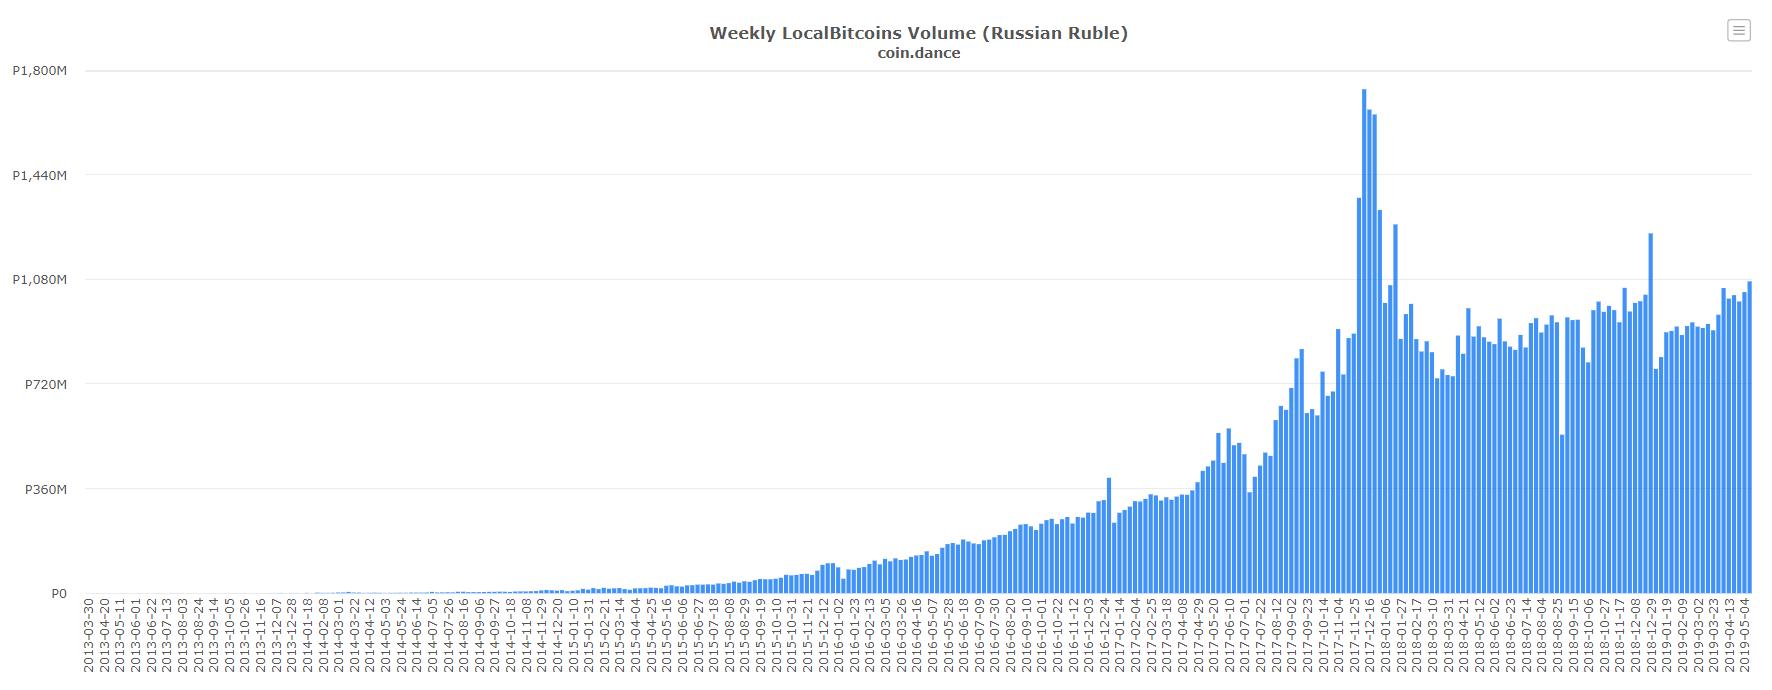 Статистика: популярность BTC в России растет. Медведев с этим не согласен